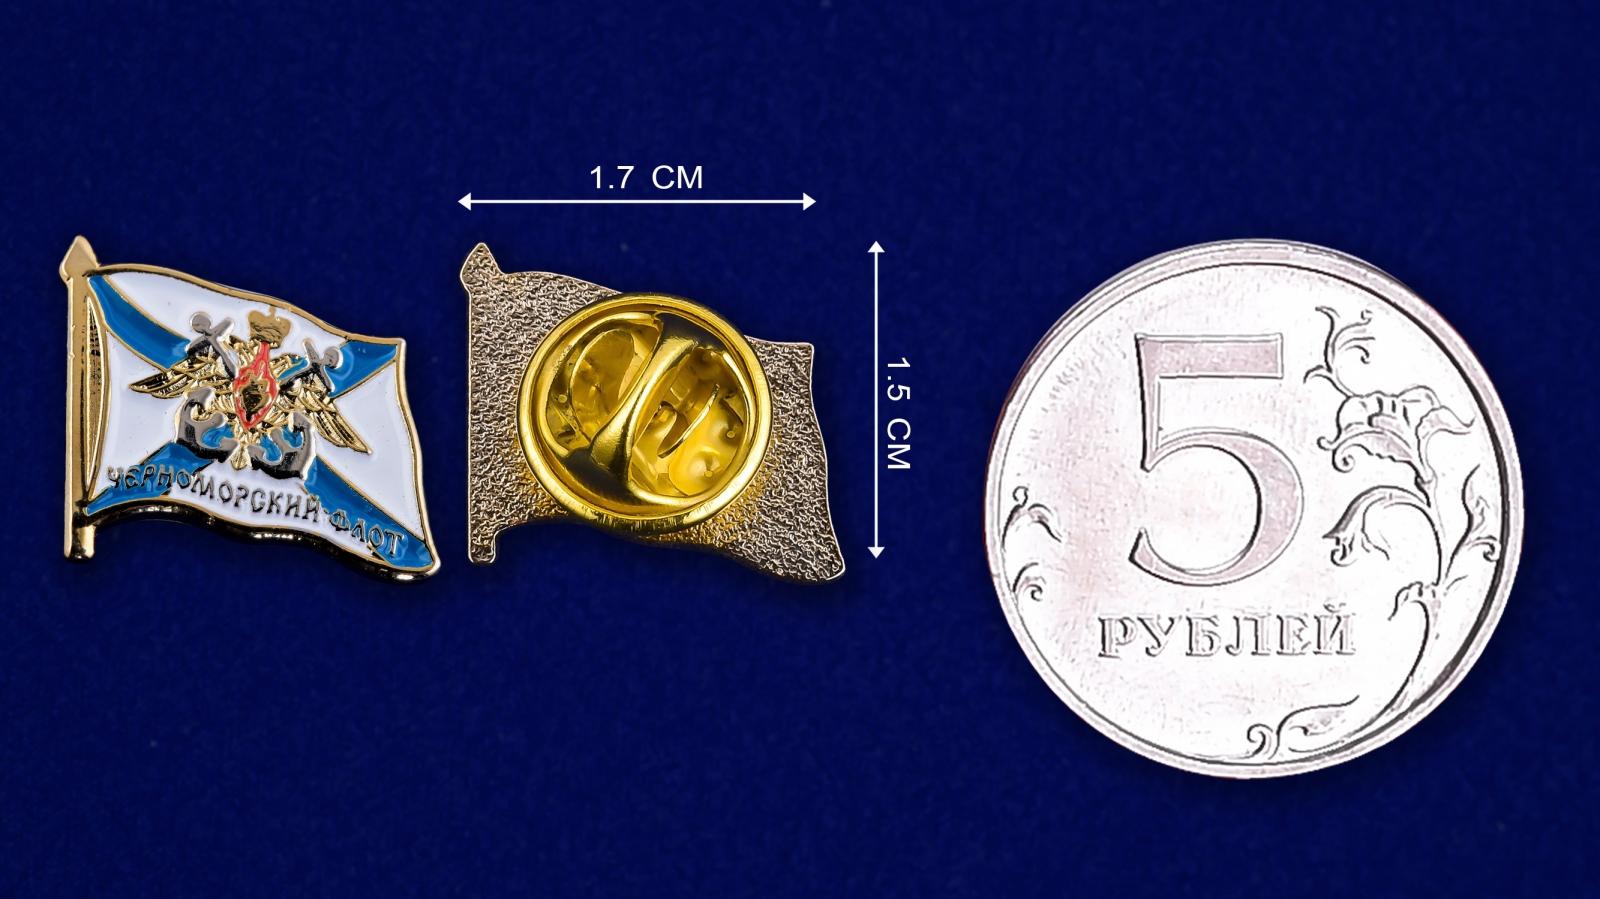 Значок Черноморского флота - сравнительный размер